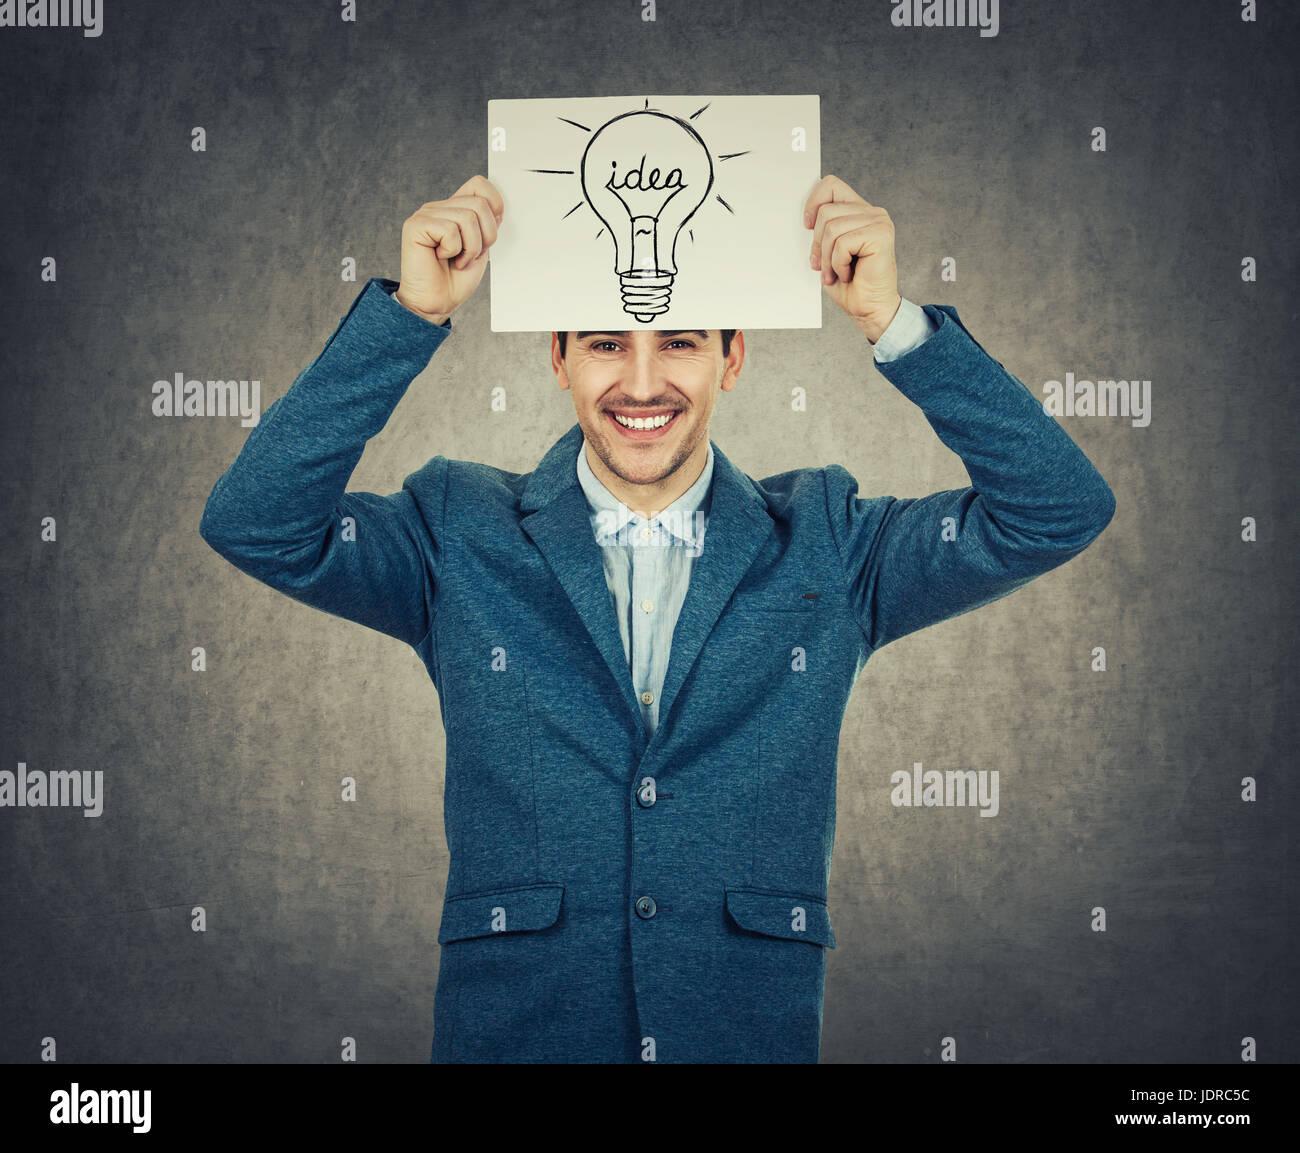 Smiling businessman holding enseignant ou un livre blanc au-dessus de sa tête avec une ampoule de croquis. Photo Stock